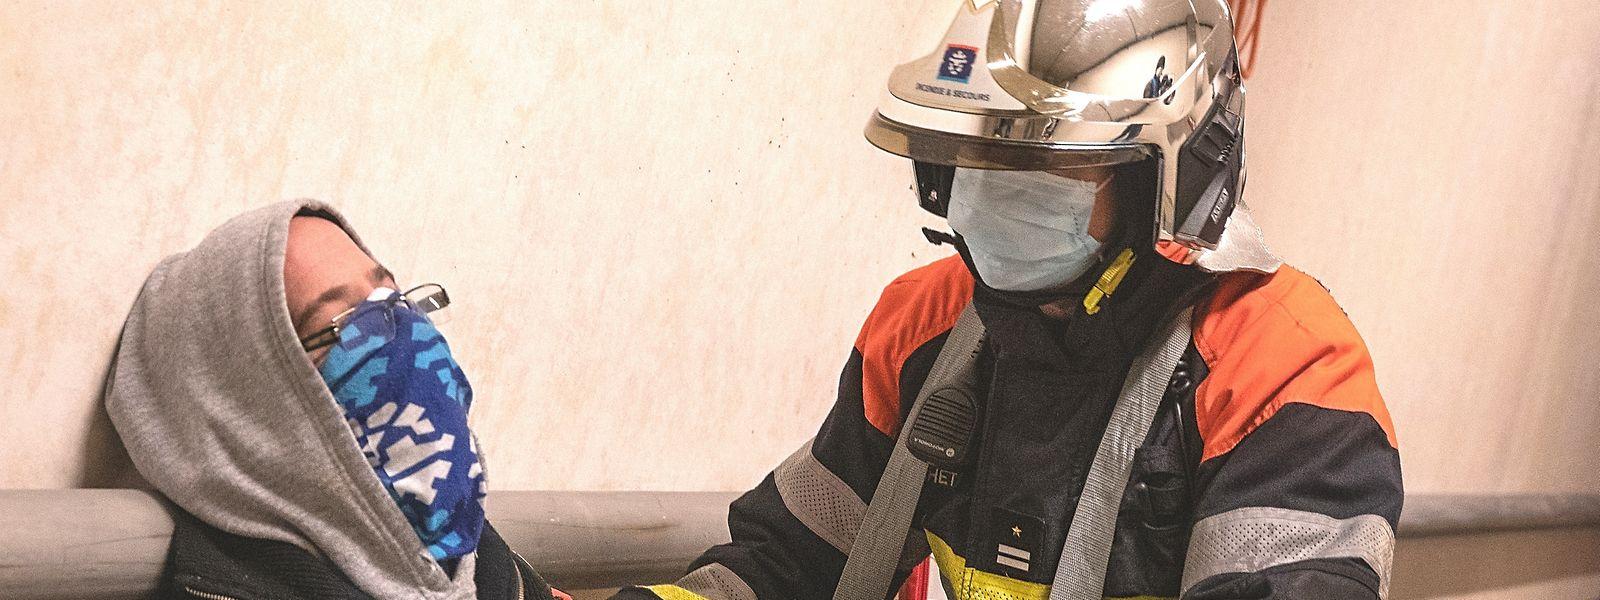 En contact proche avec les victimes d'accident ou de malaise, les pompiers se doivent d'être protégés contre l'infection mais aussi ne peuvent être sources de contamination.